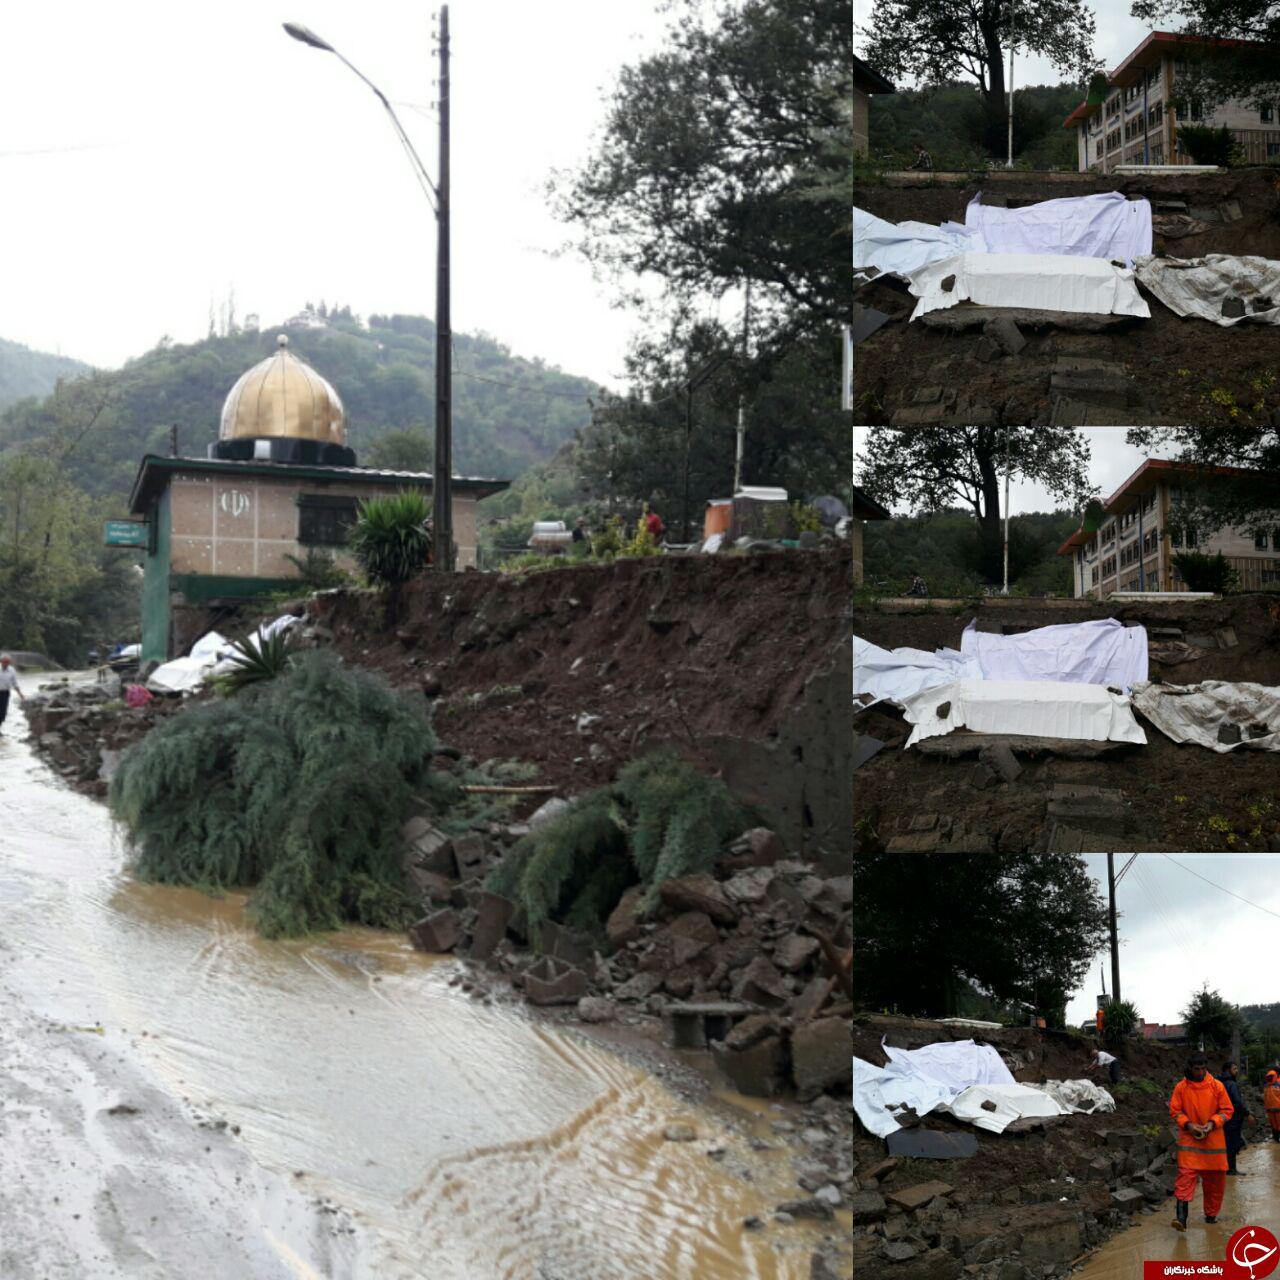 وقوع سیلاب و بیرون آمدن مرده ها از قبر در رامسر+ تصاویر